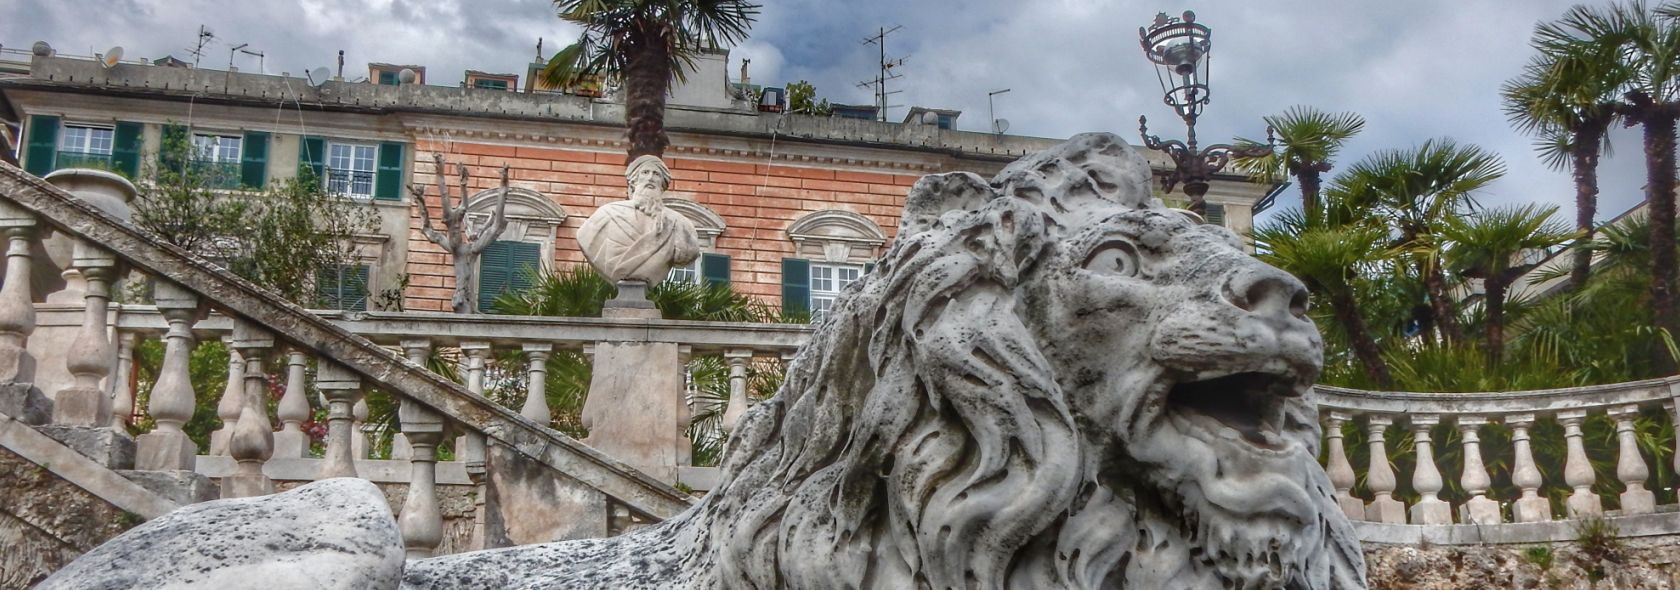 Genova Cornigliano, villa Serra Ricchini giardino